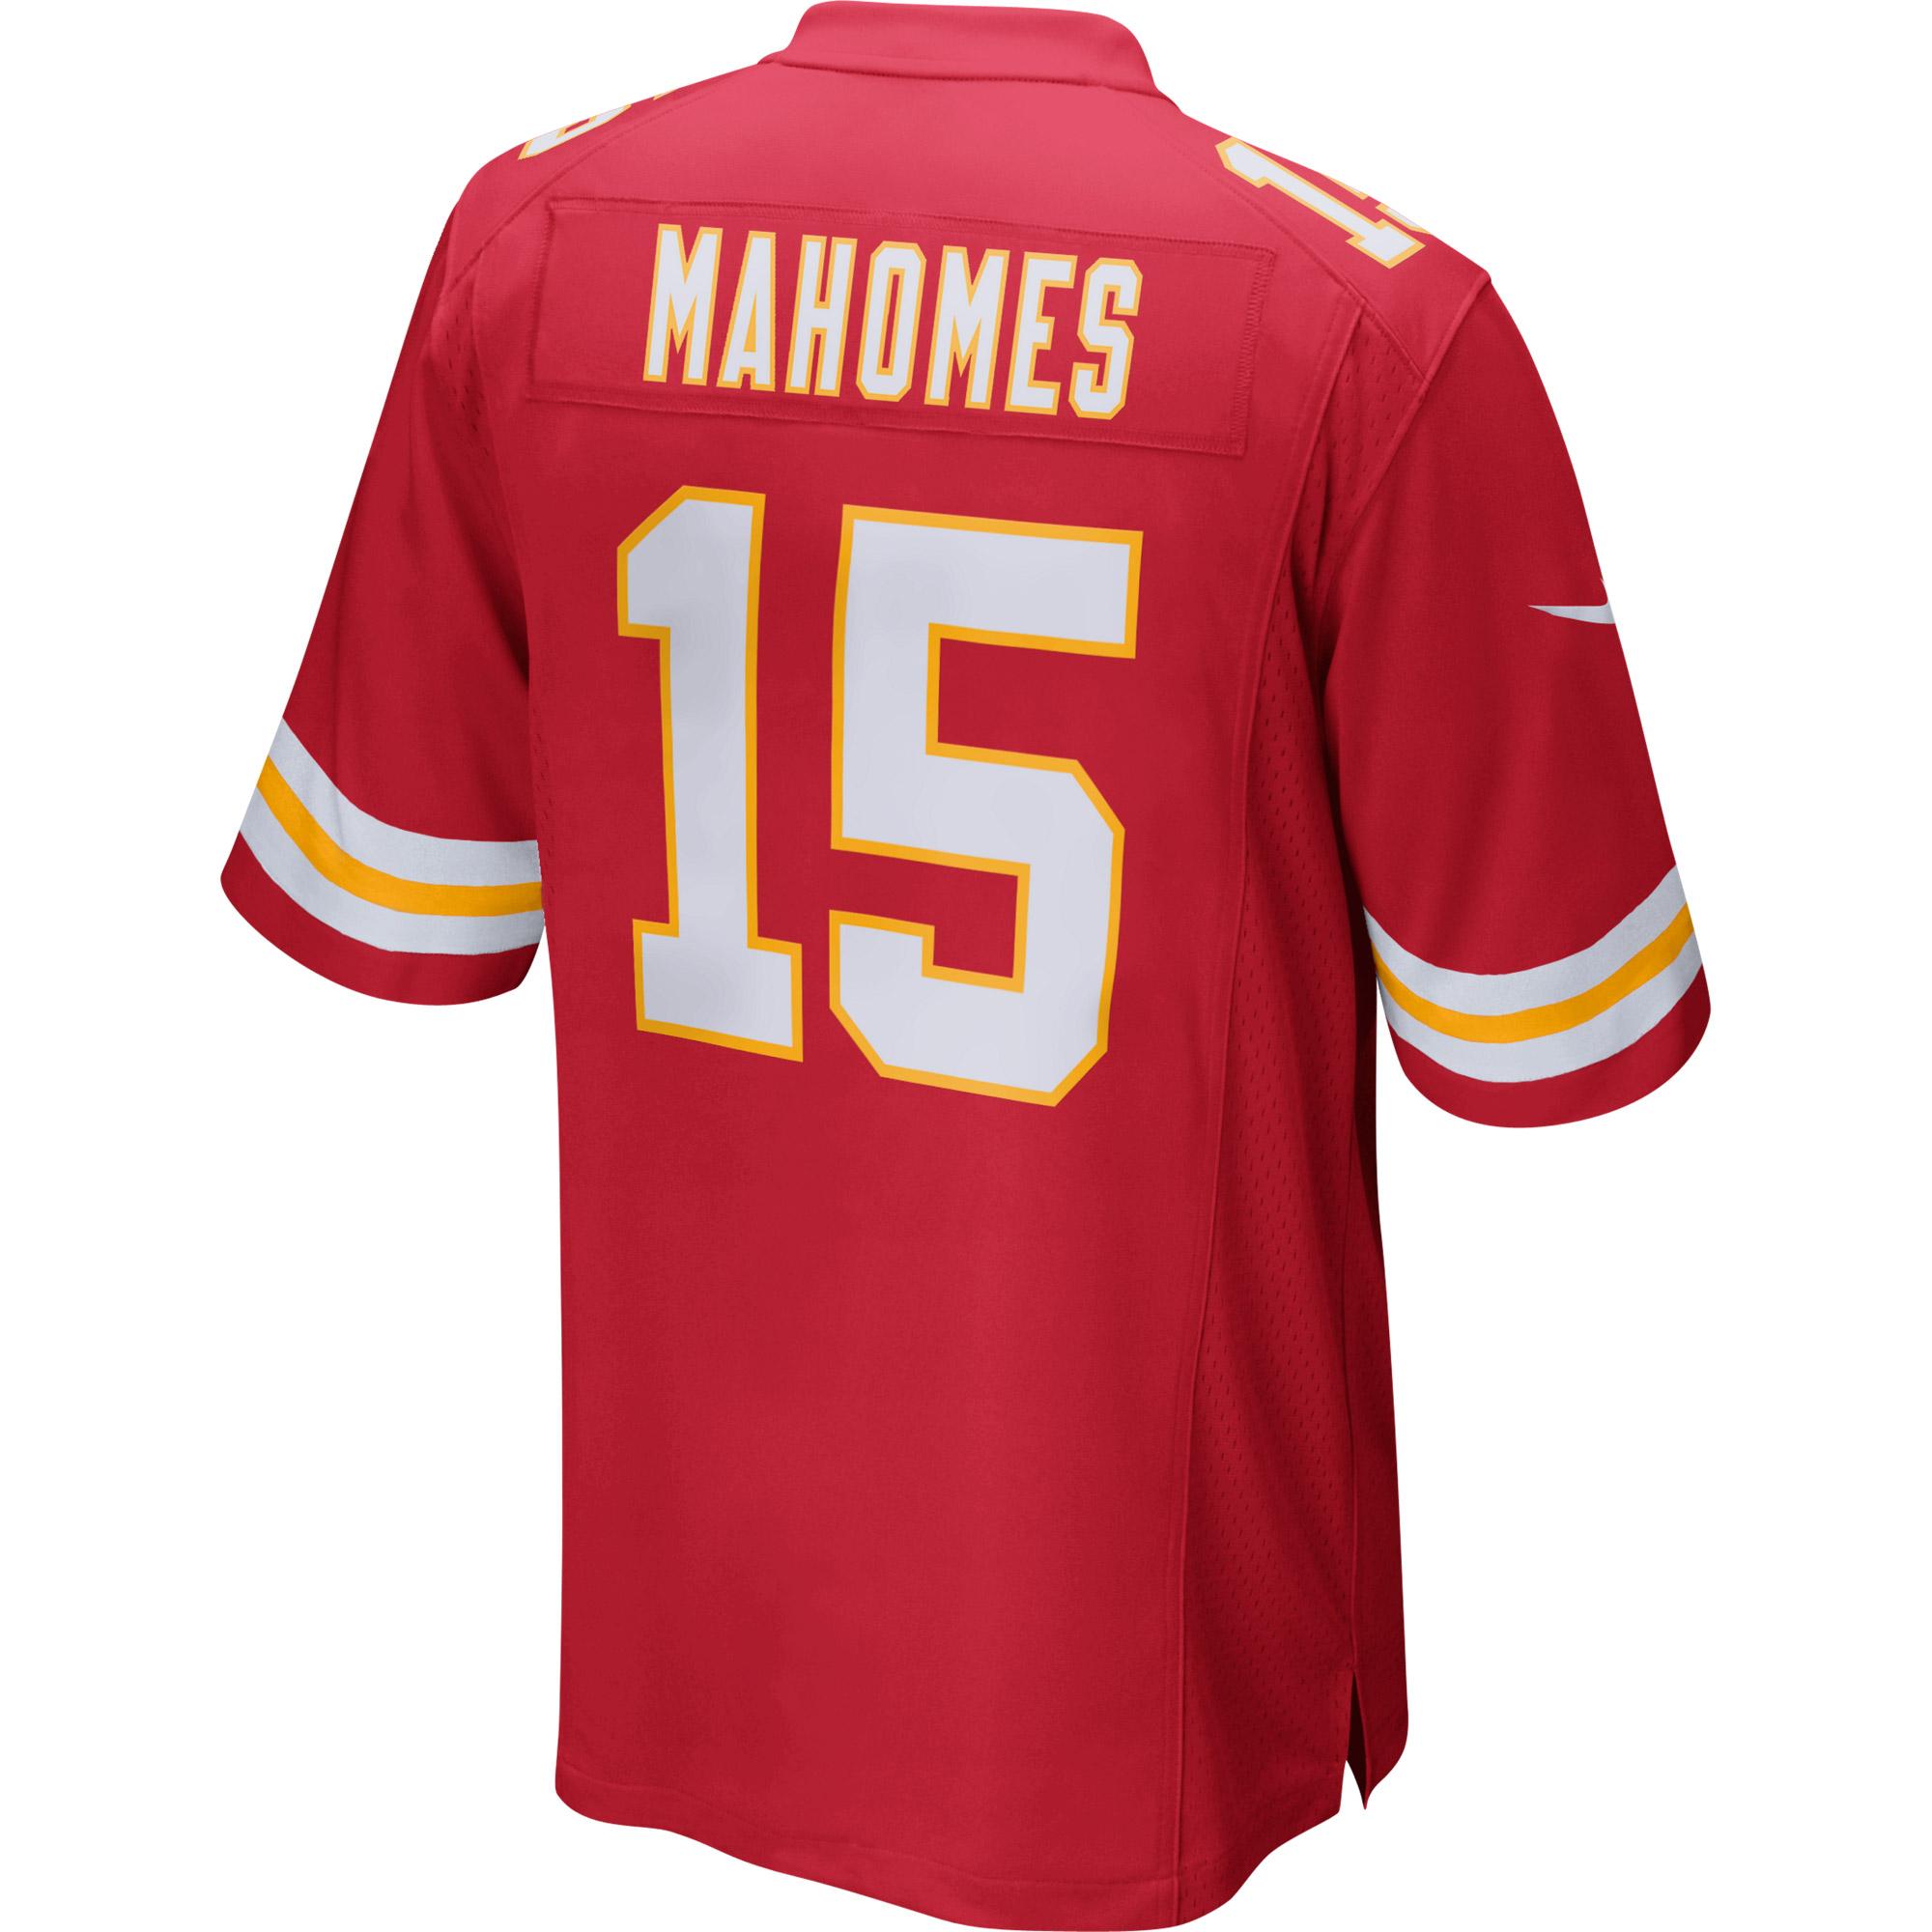 NFL Jerseys Fan Shop - Walmart.com